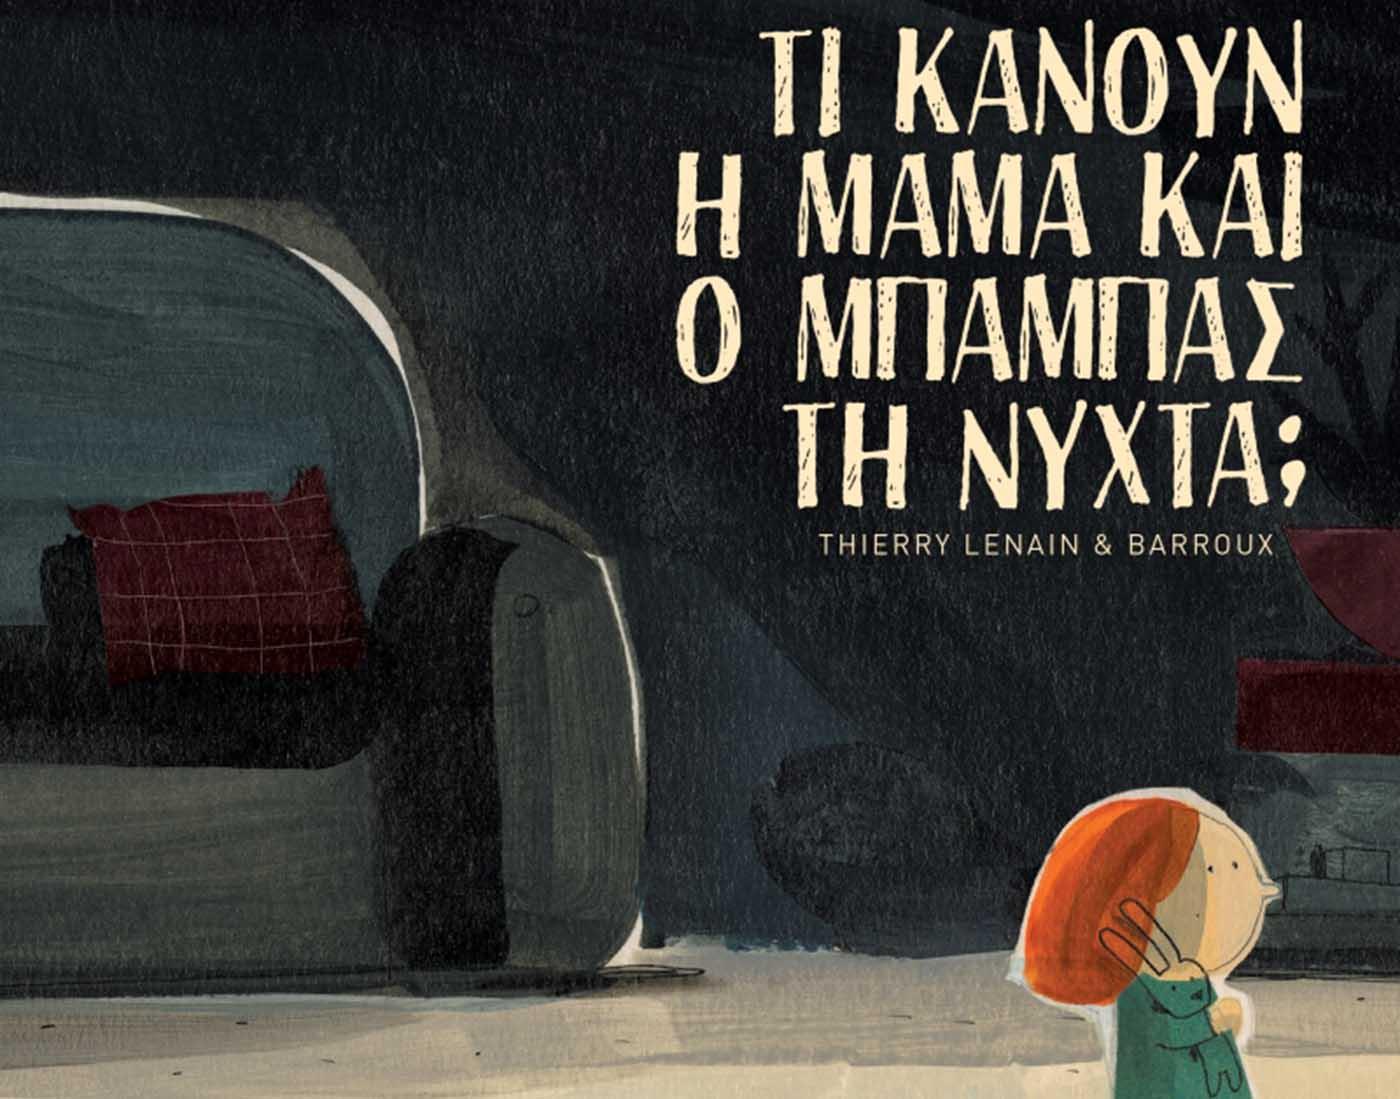 «Τι κάνουν η Μαμά και ο Μπαμπάς τη Νύχτα;» Ένα βιβλίο γεμάτο περιπέτειες -Thisisus.gr